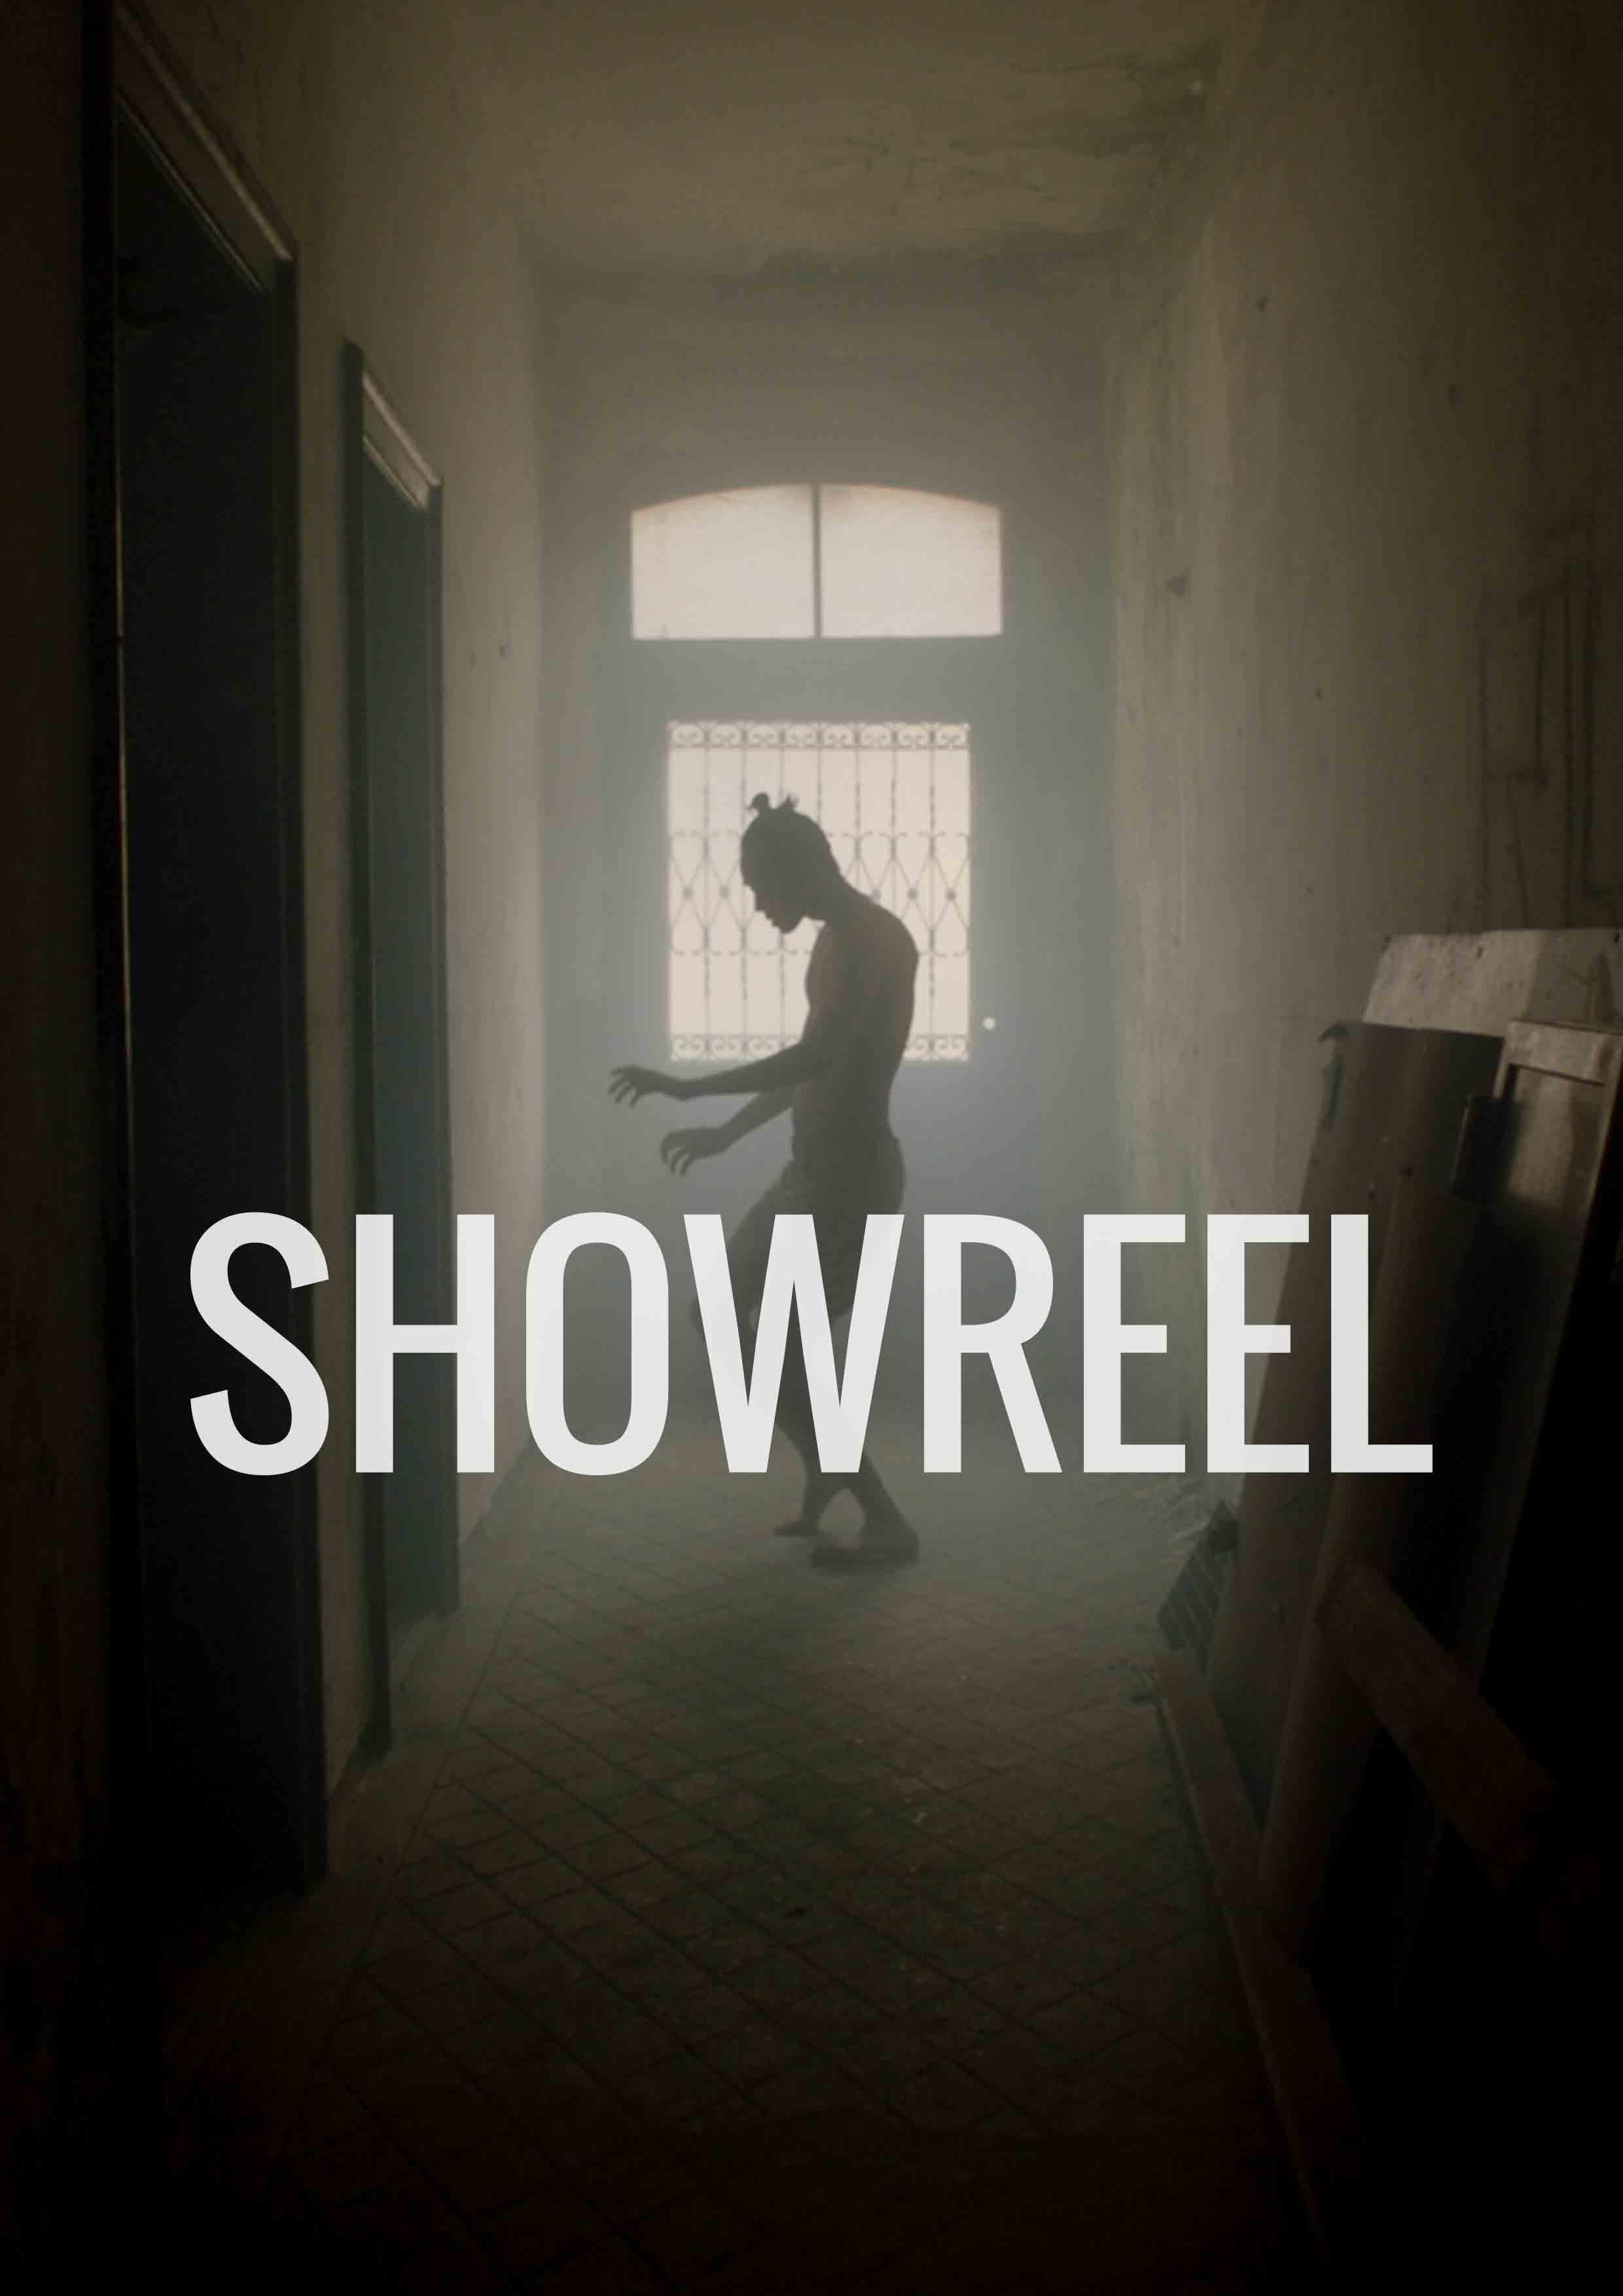 showreel.jpg